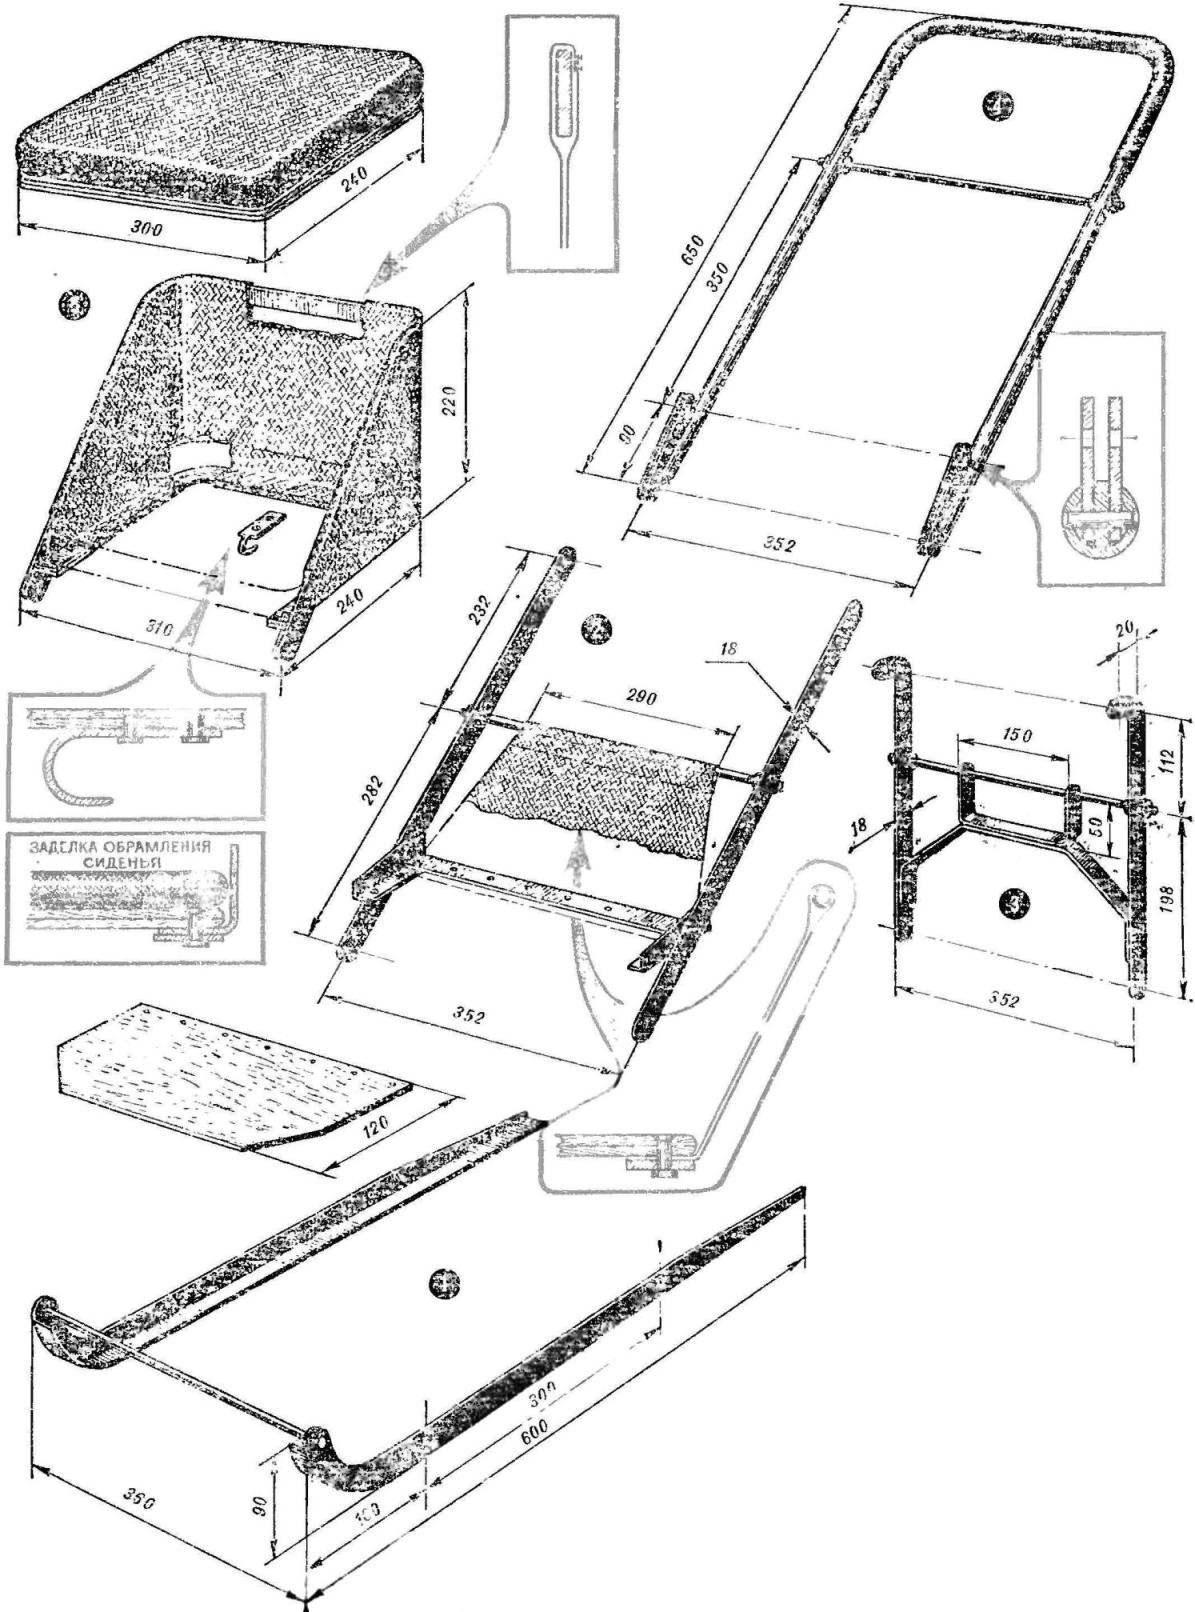 Рис. 3. Сборка санок (позиции соответствуют рисунку 1)